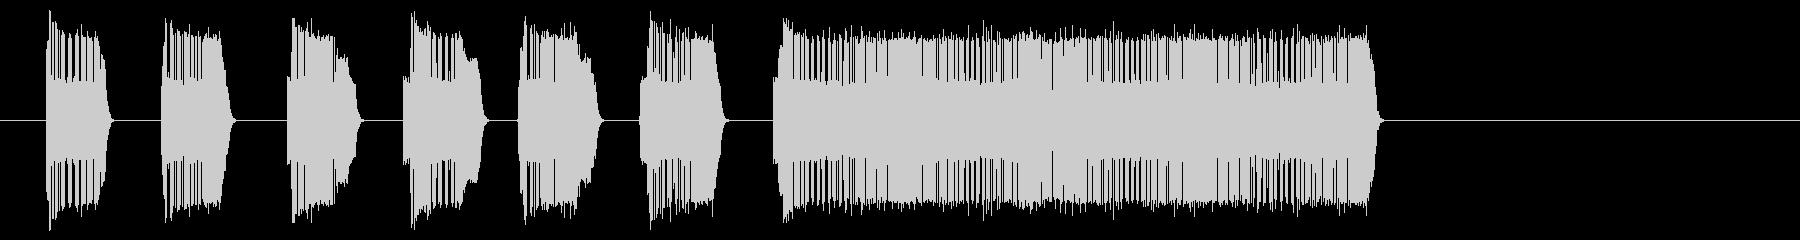 ファミコン風ゲームクリアの効果音の未再生の波形